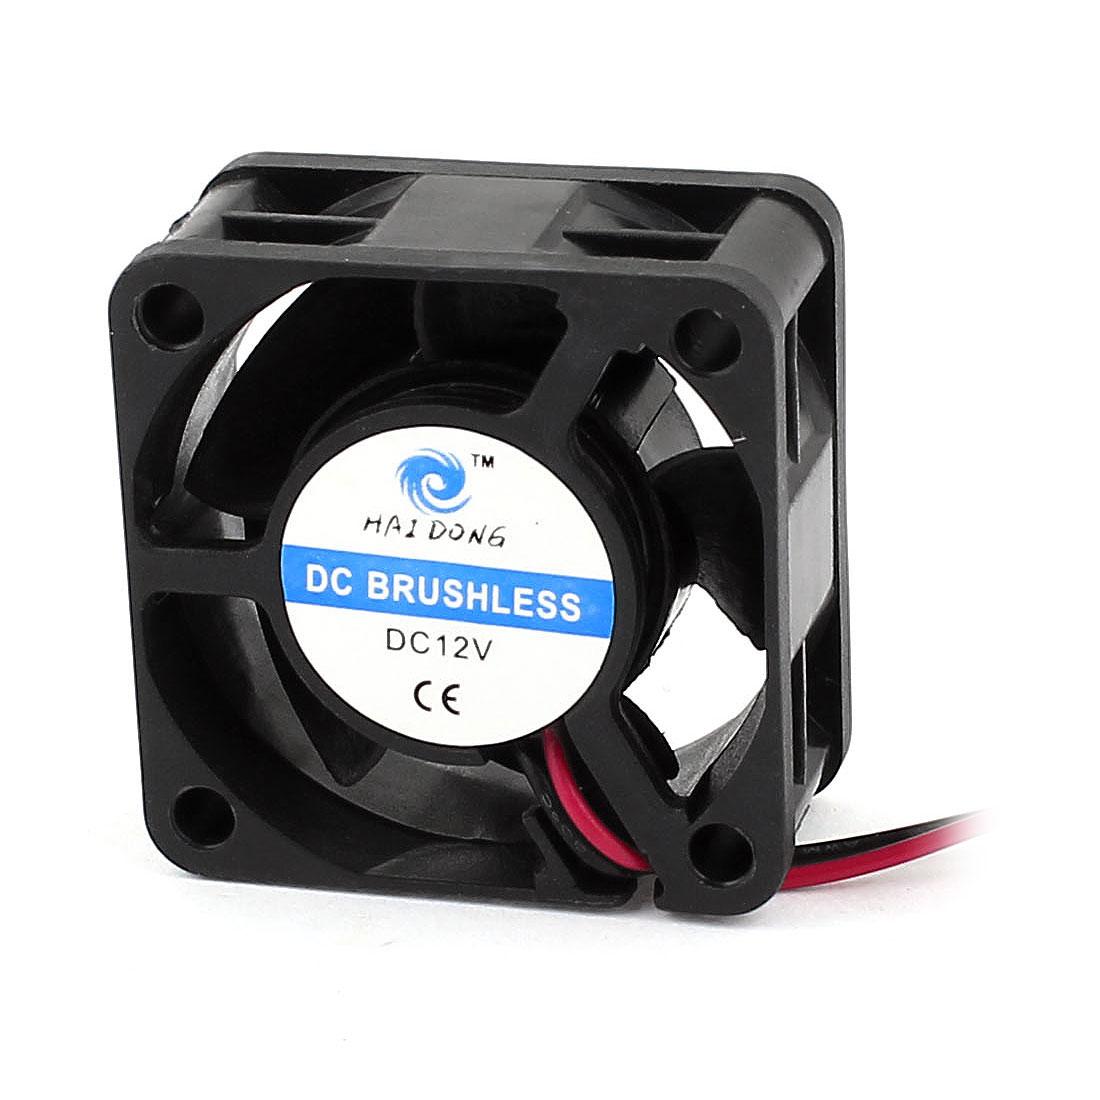 DC12V 40mm 4cm PC Computer Case Cooling Fan Cooler Black w Dustproof Filter